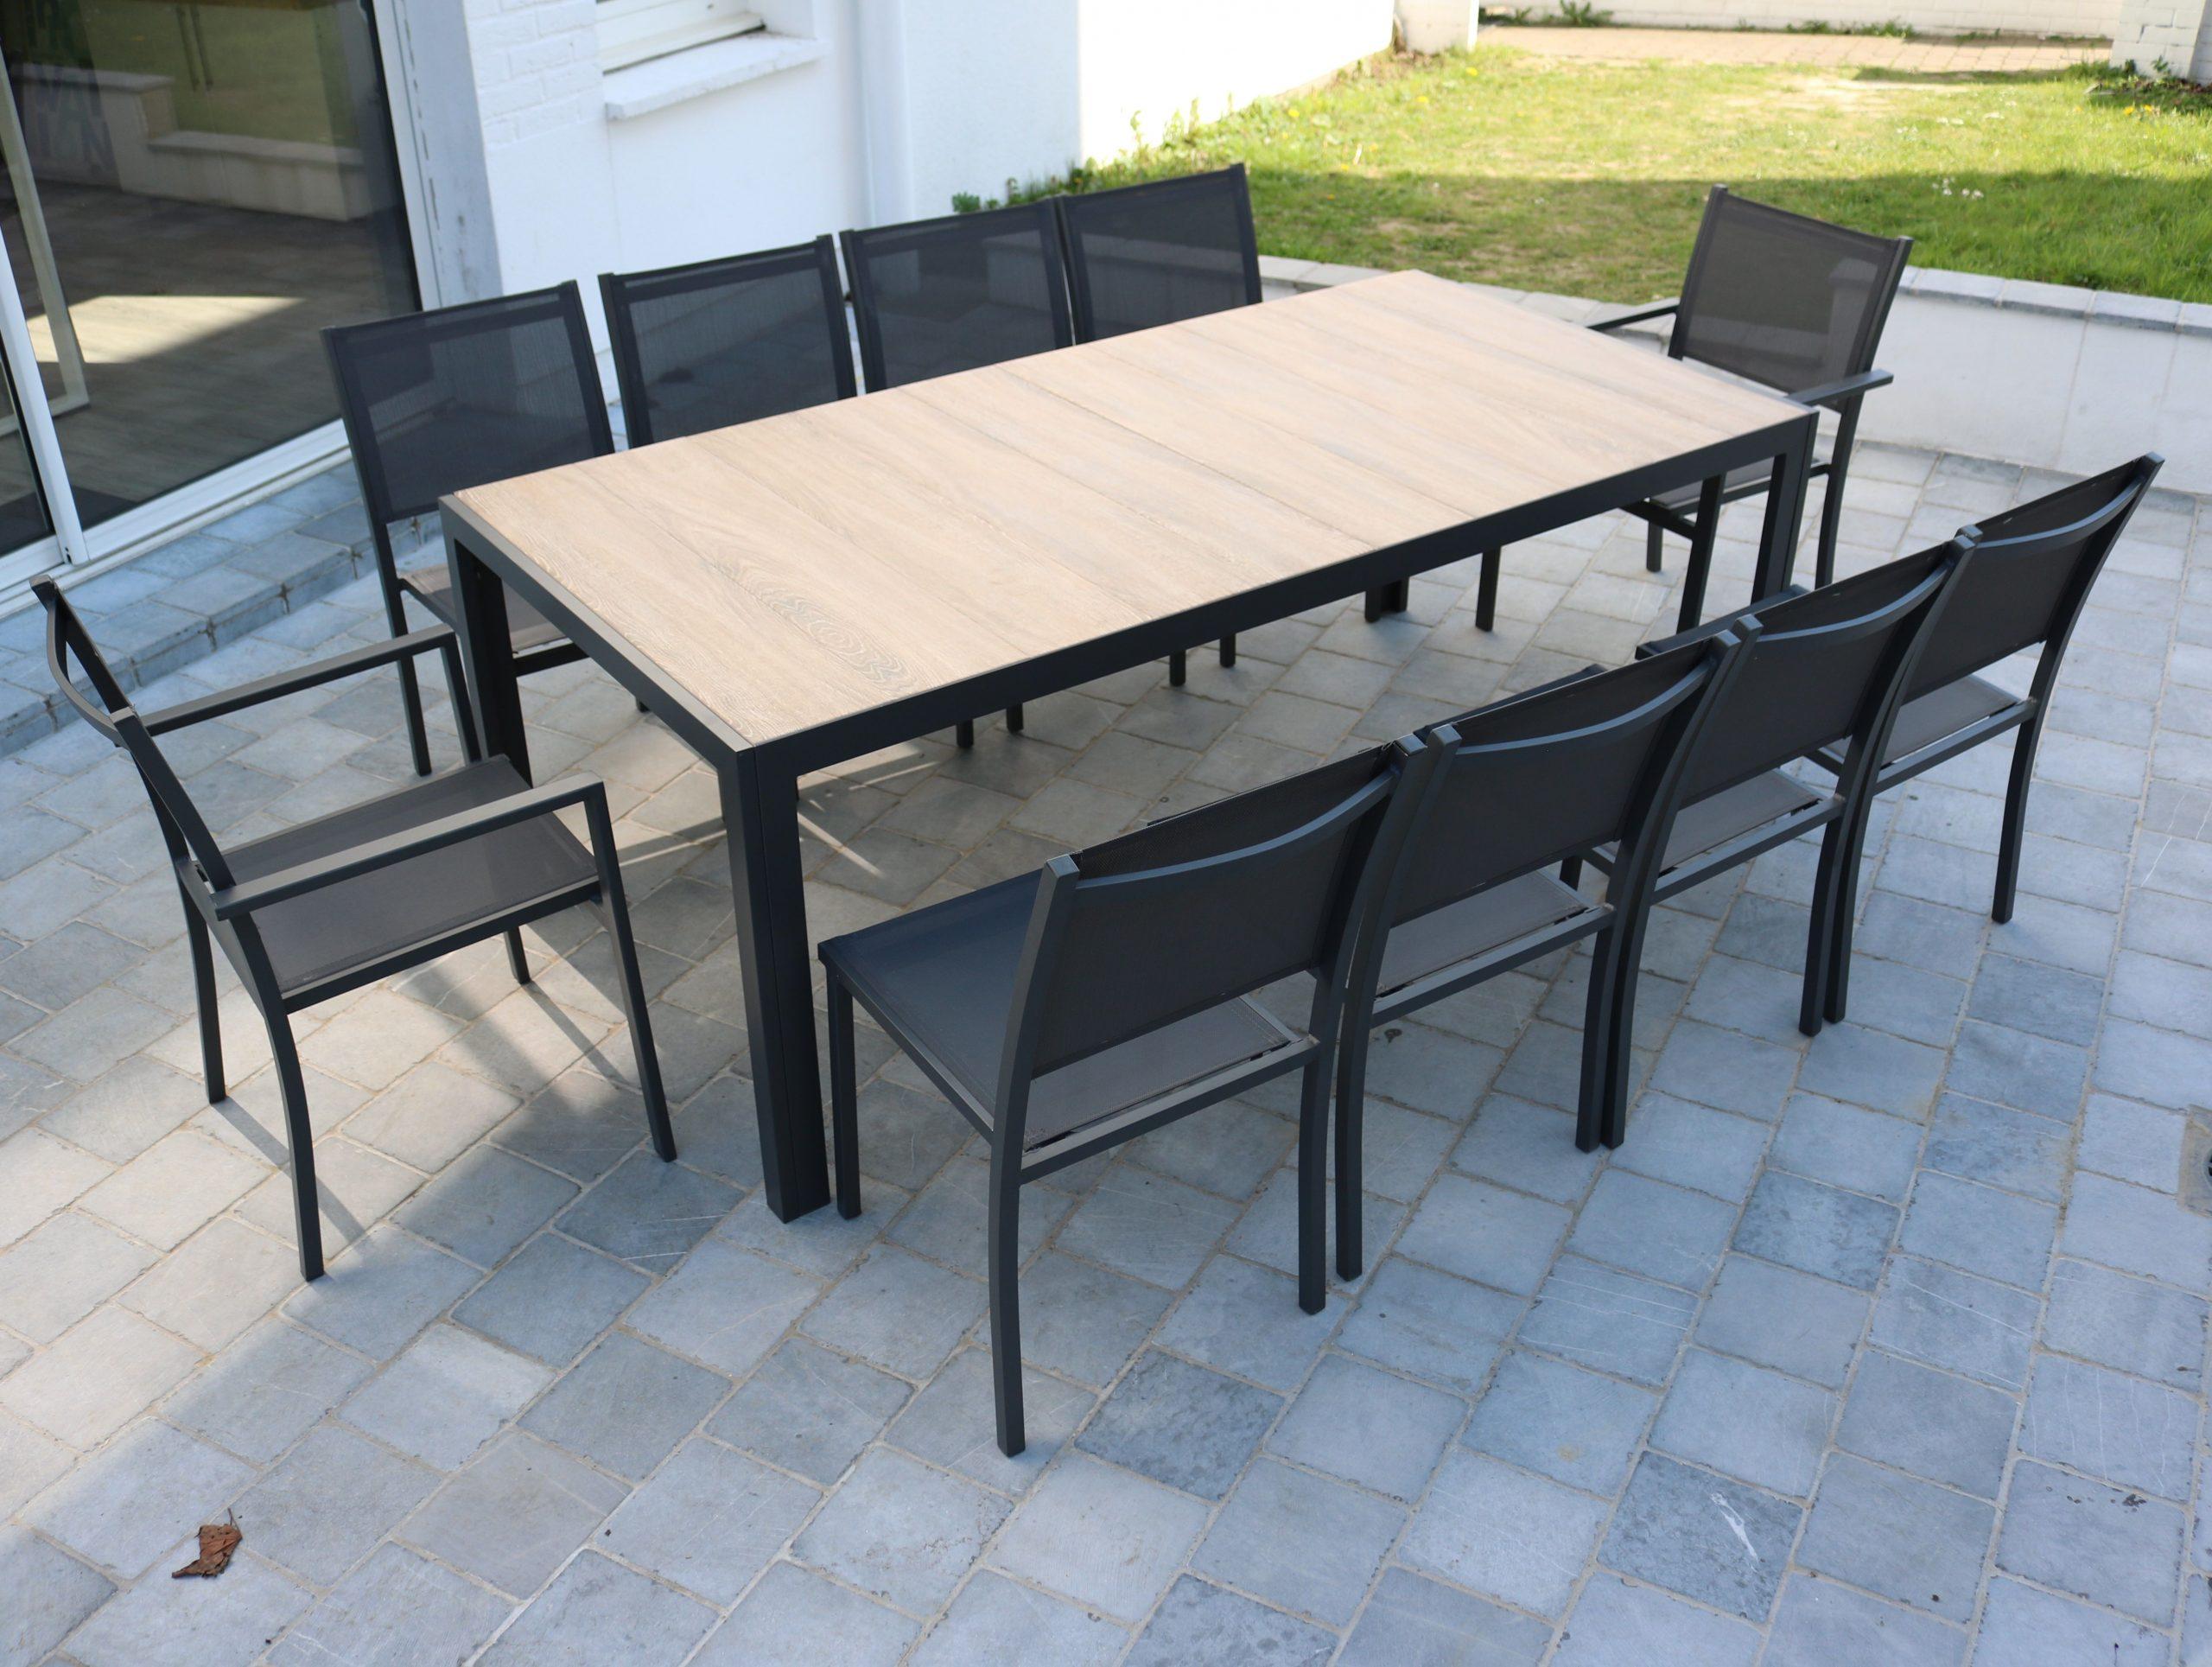 Table De Jardin 10 Places Aluminium Et Céramique - Gris ... tout Table De Jardin 10 Personnes